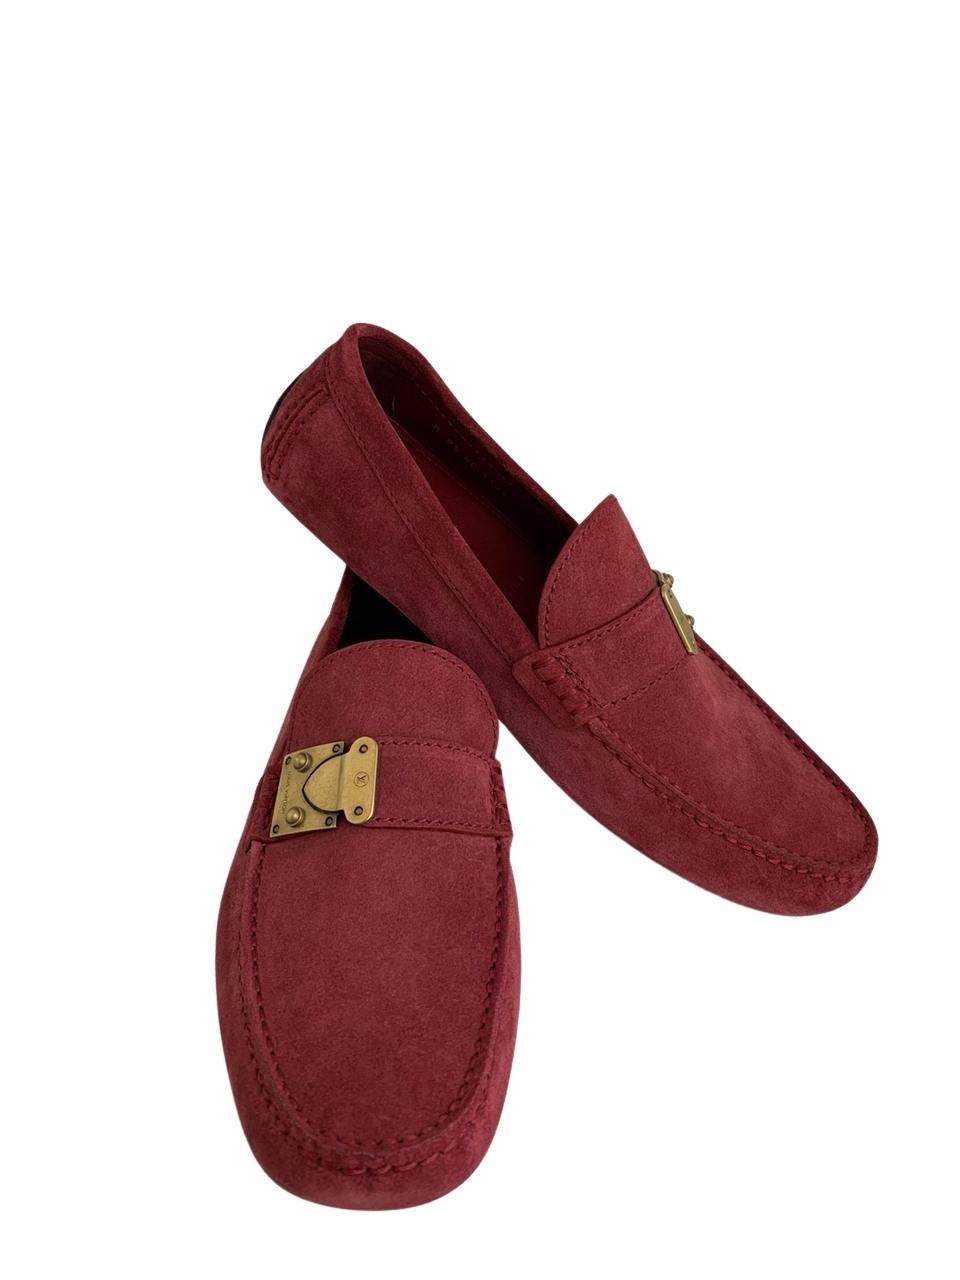 Mocassim Louis Vuitton Vermelho